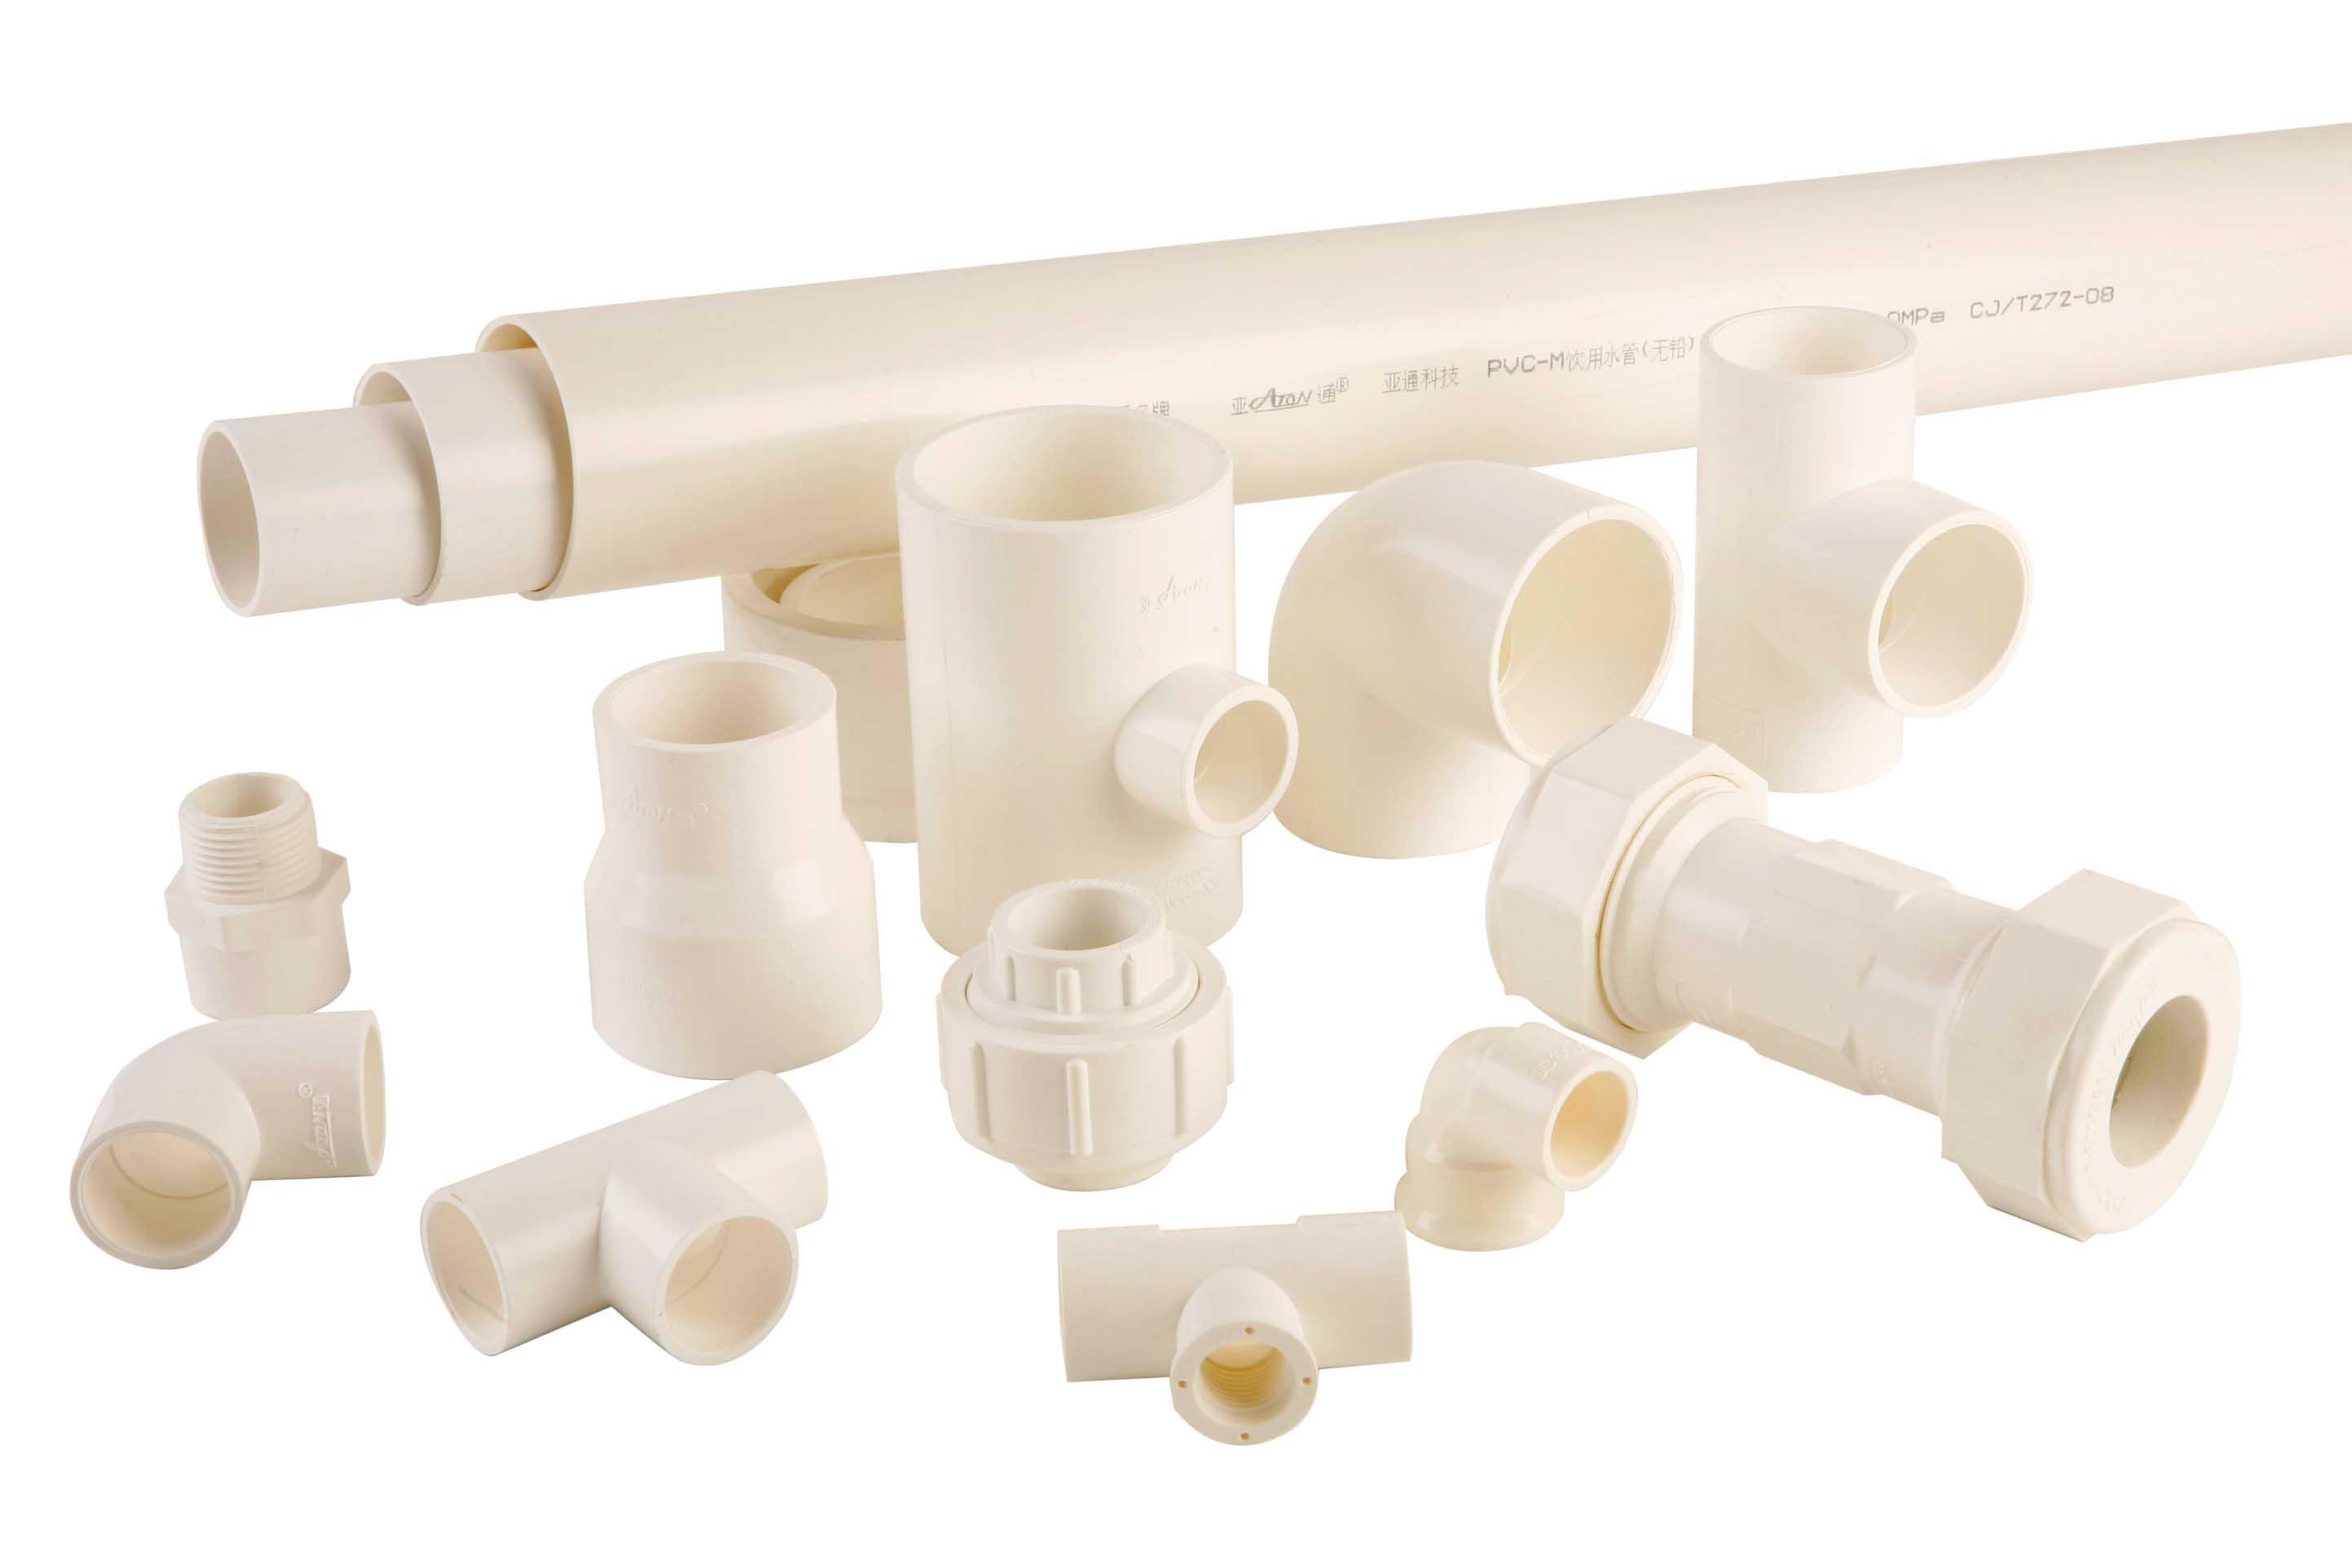 ③、给水用抗冲改性聚氯乙烯(PVC-M)管